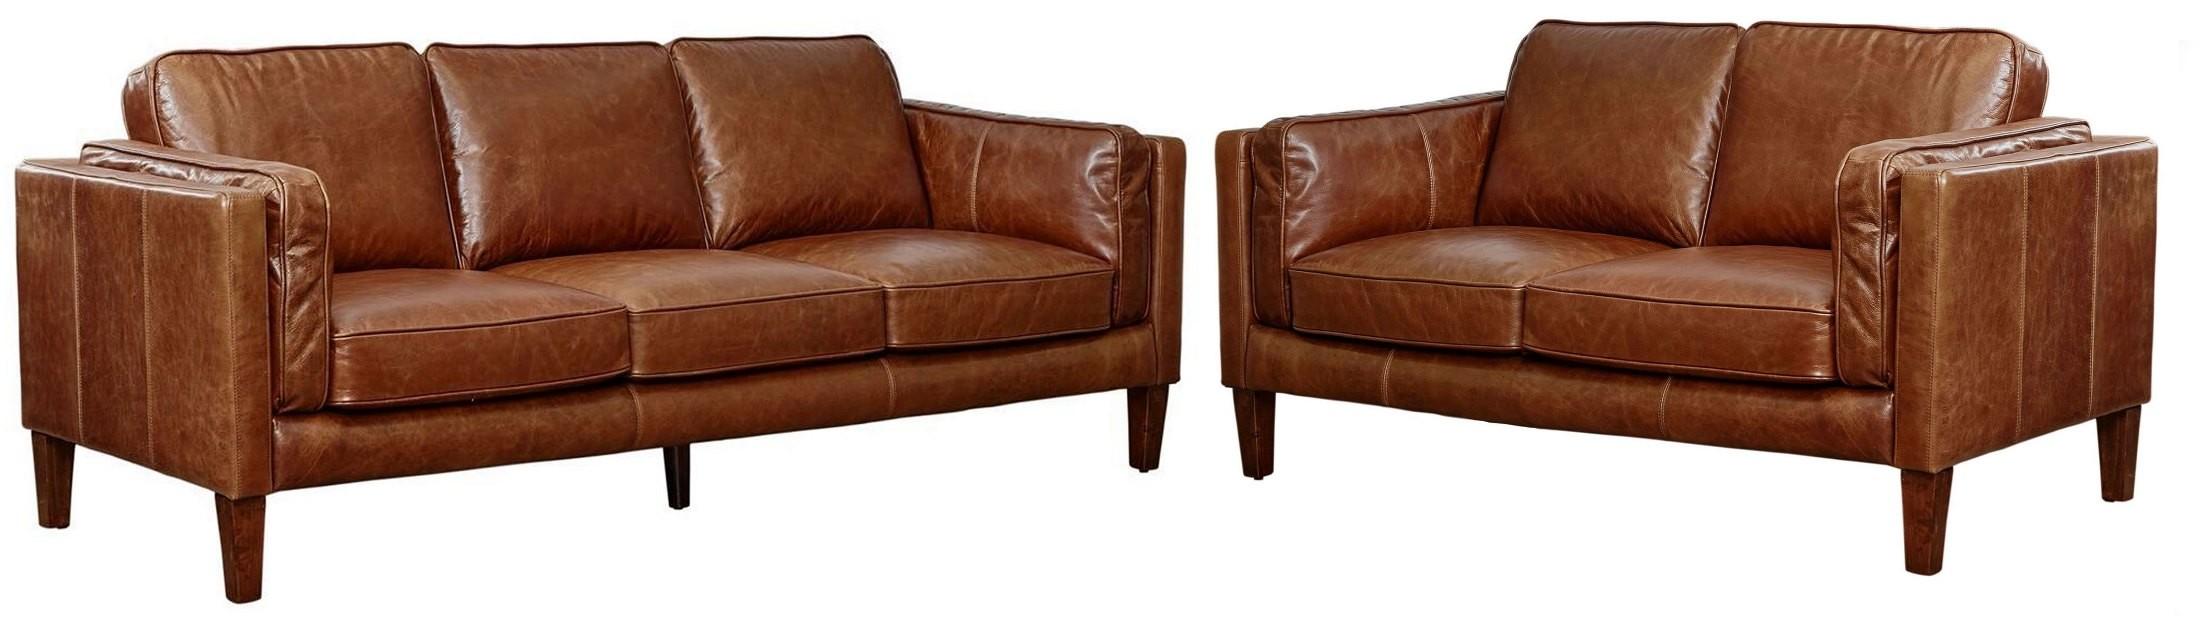 Berkley Cocoa Brompton Vintage Leather Sofa from Lazzaro